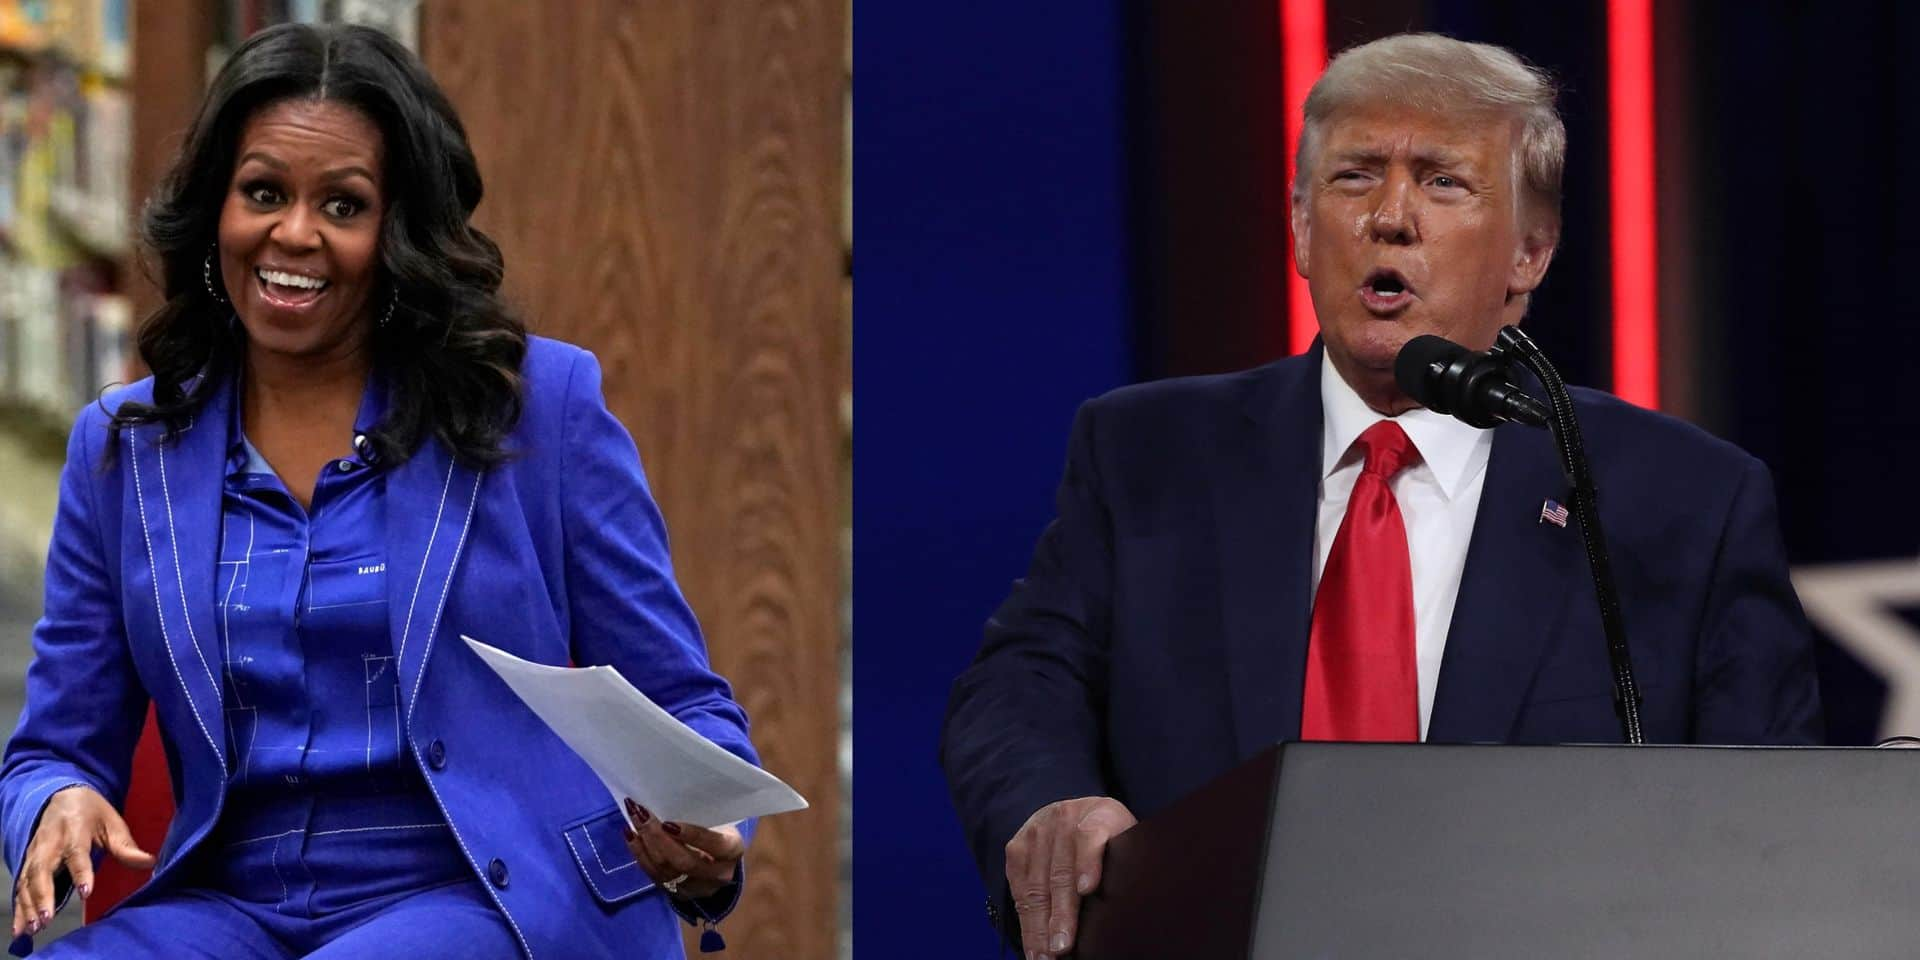 Un enregistrement de Trump divulgué: la pique à l'égard de Michelle Obama fait polémique